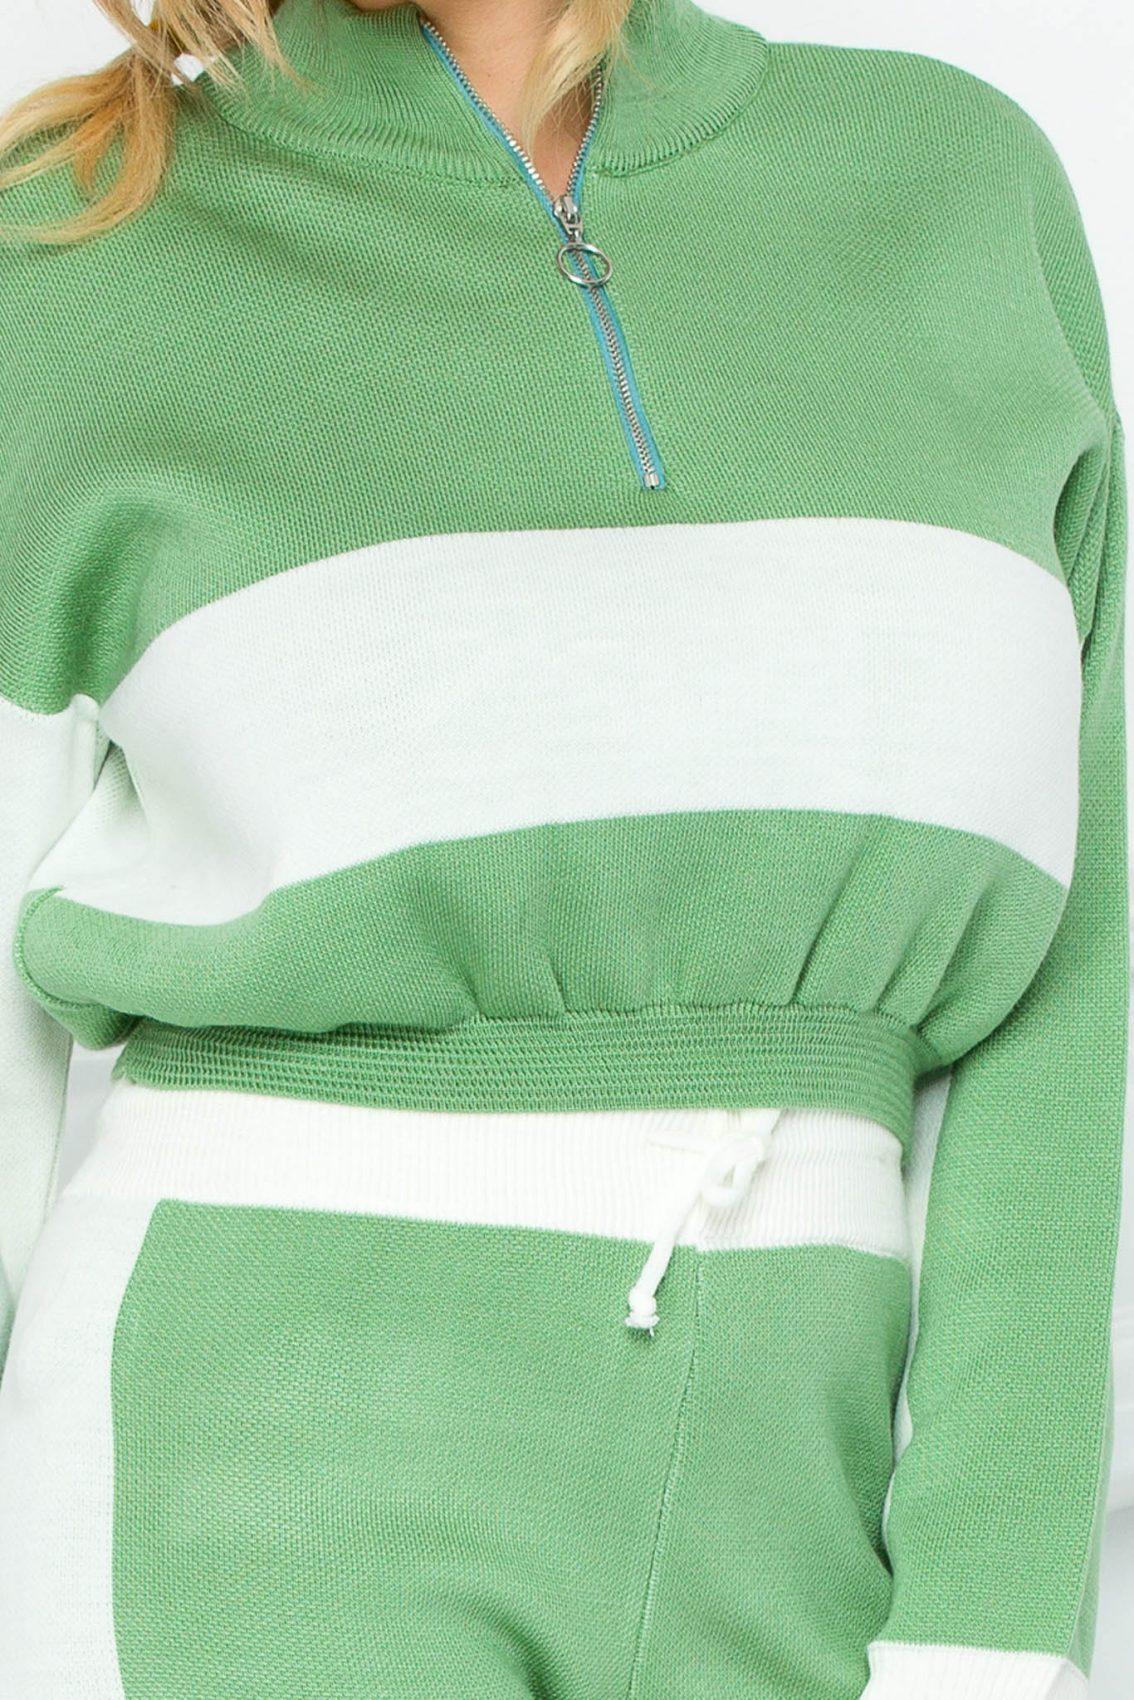 Πράσινο Πλεκτό Σετ London 9253 2